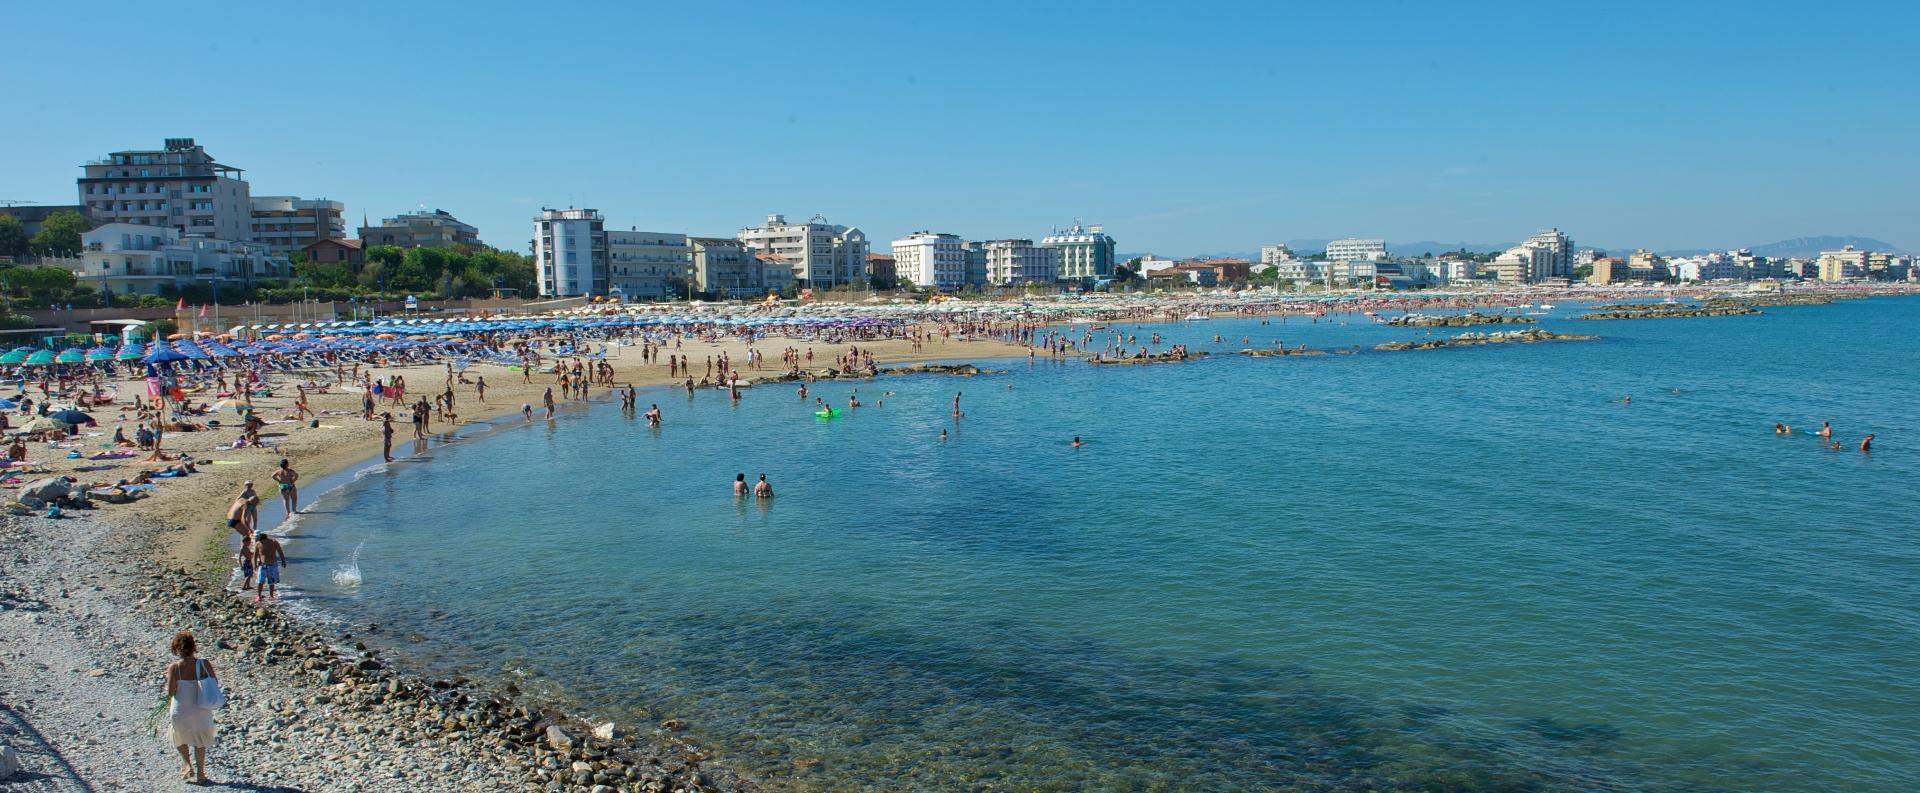 Risultati immagini per spiaggia cattolica